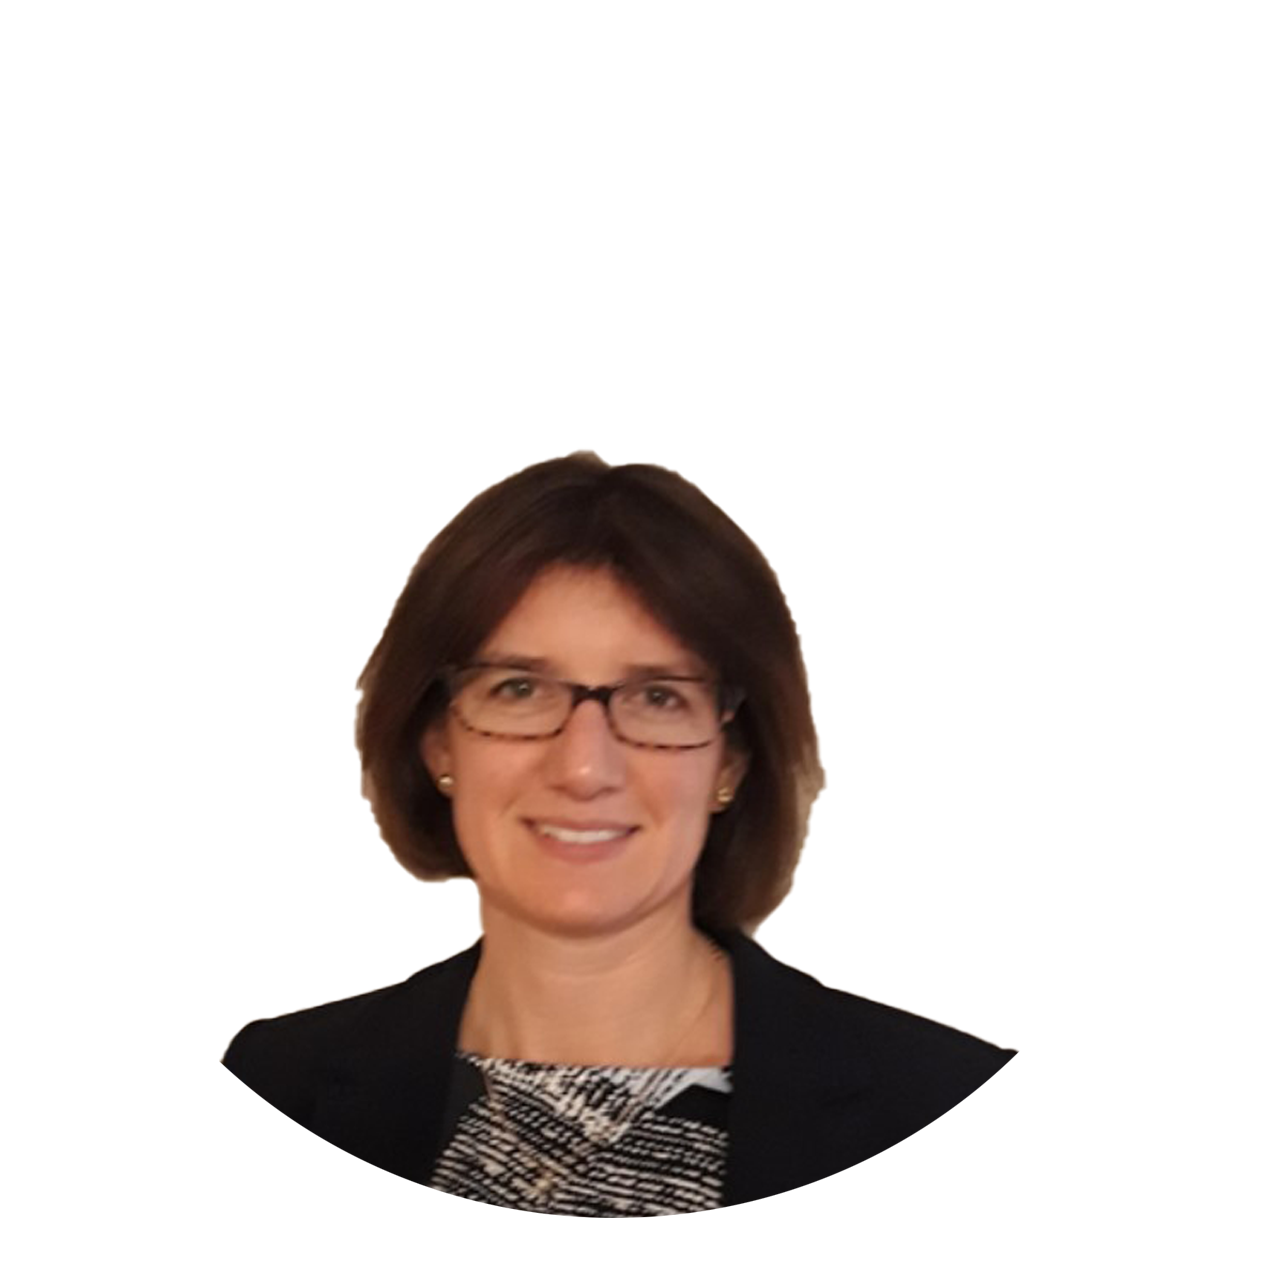 Melanie Bryce   Oxfordshire Programme Director, SSEN